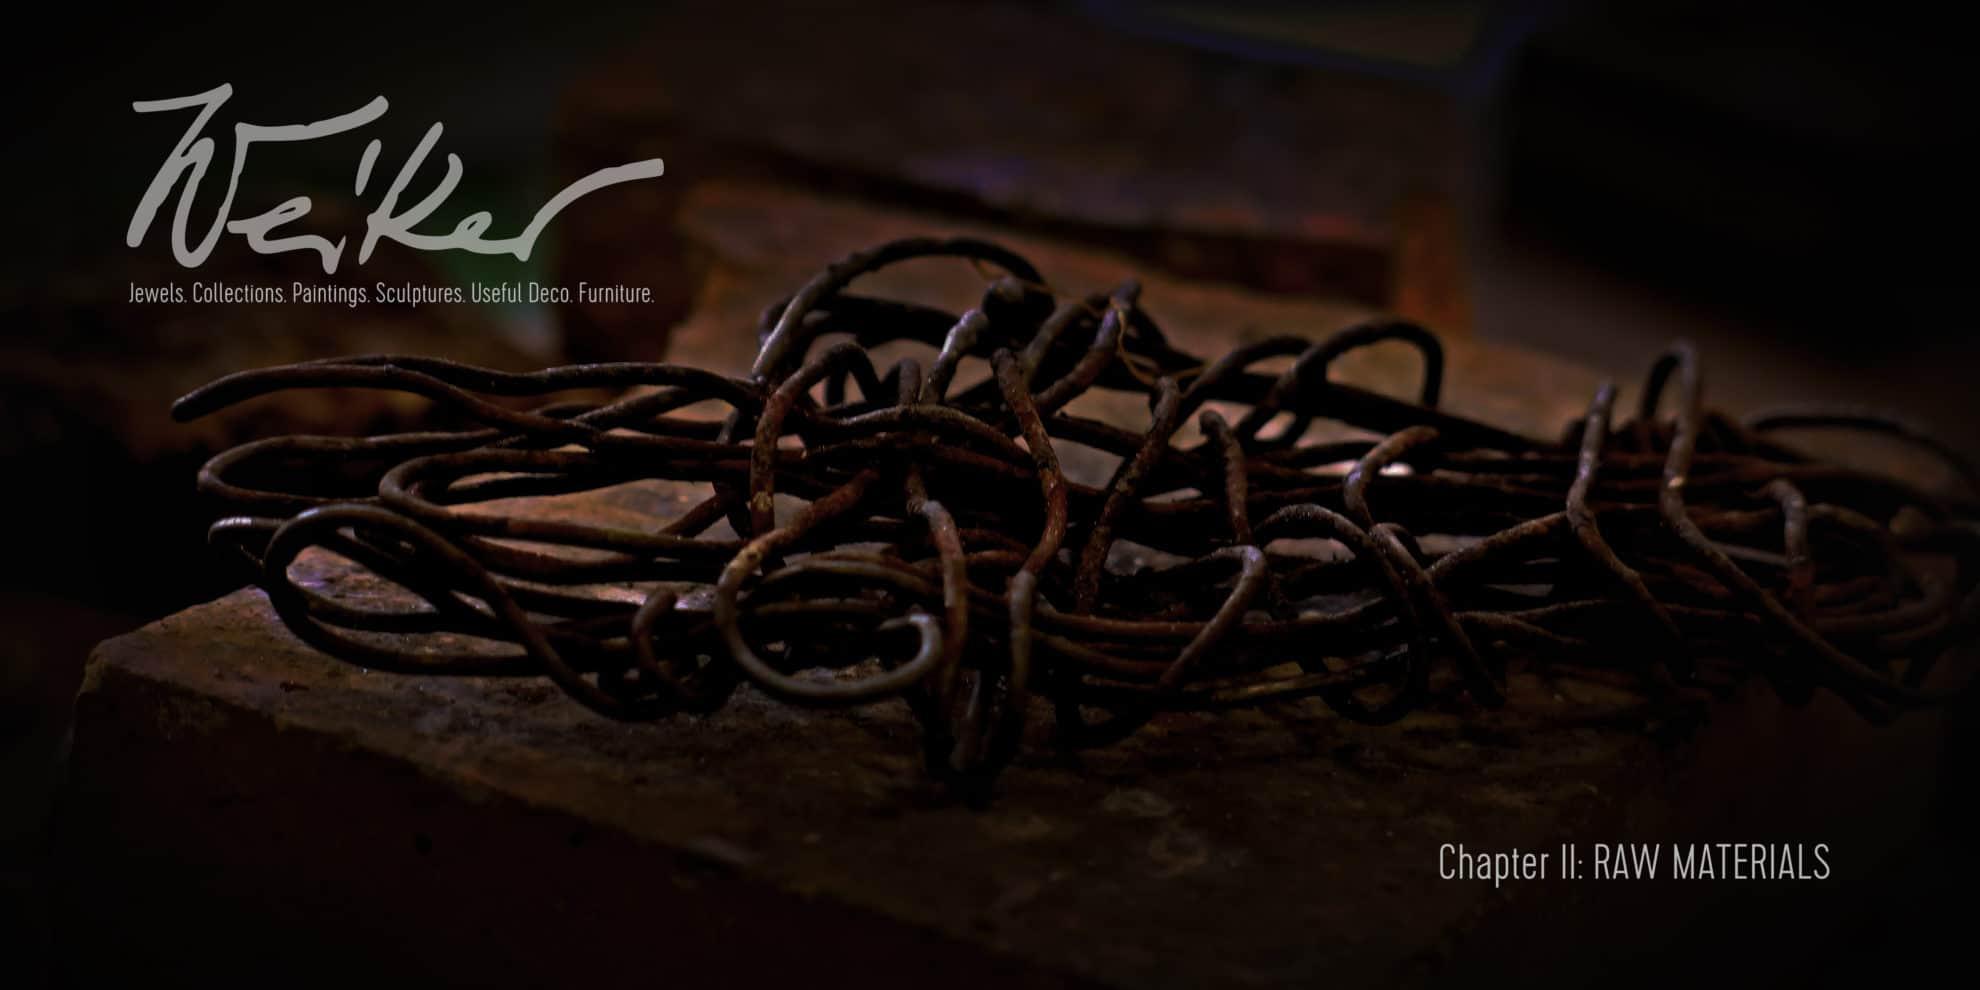 Weiker-Jewelry